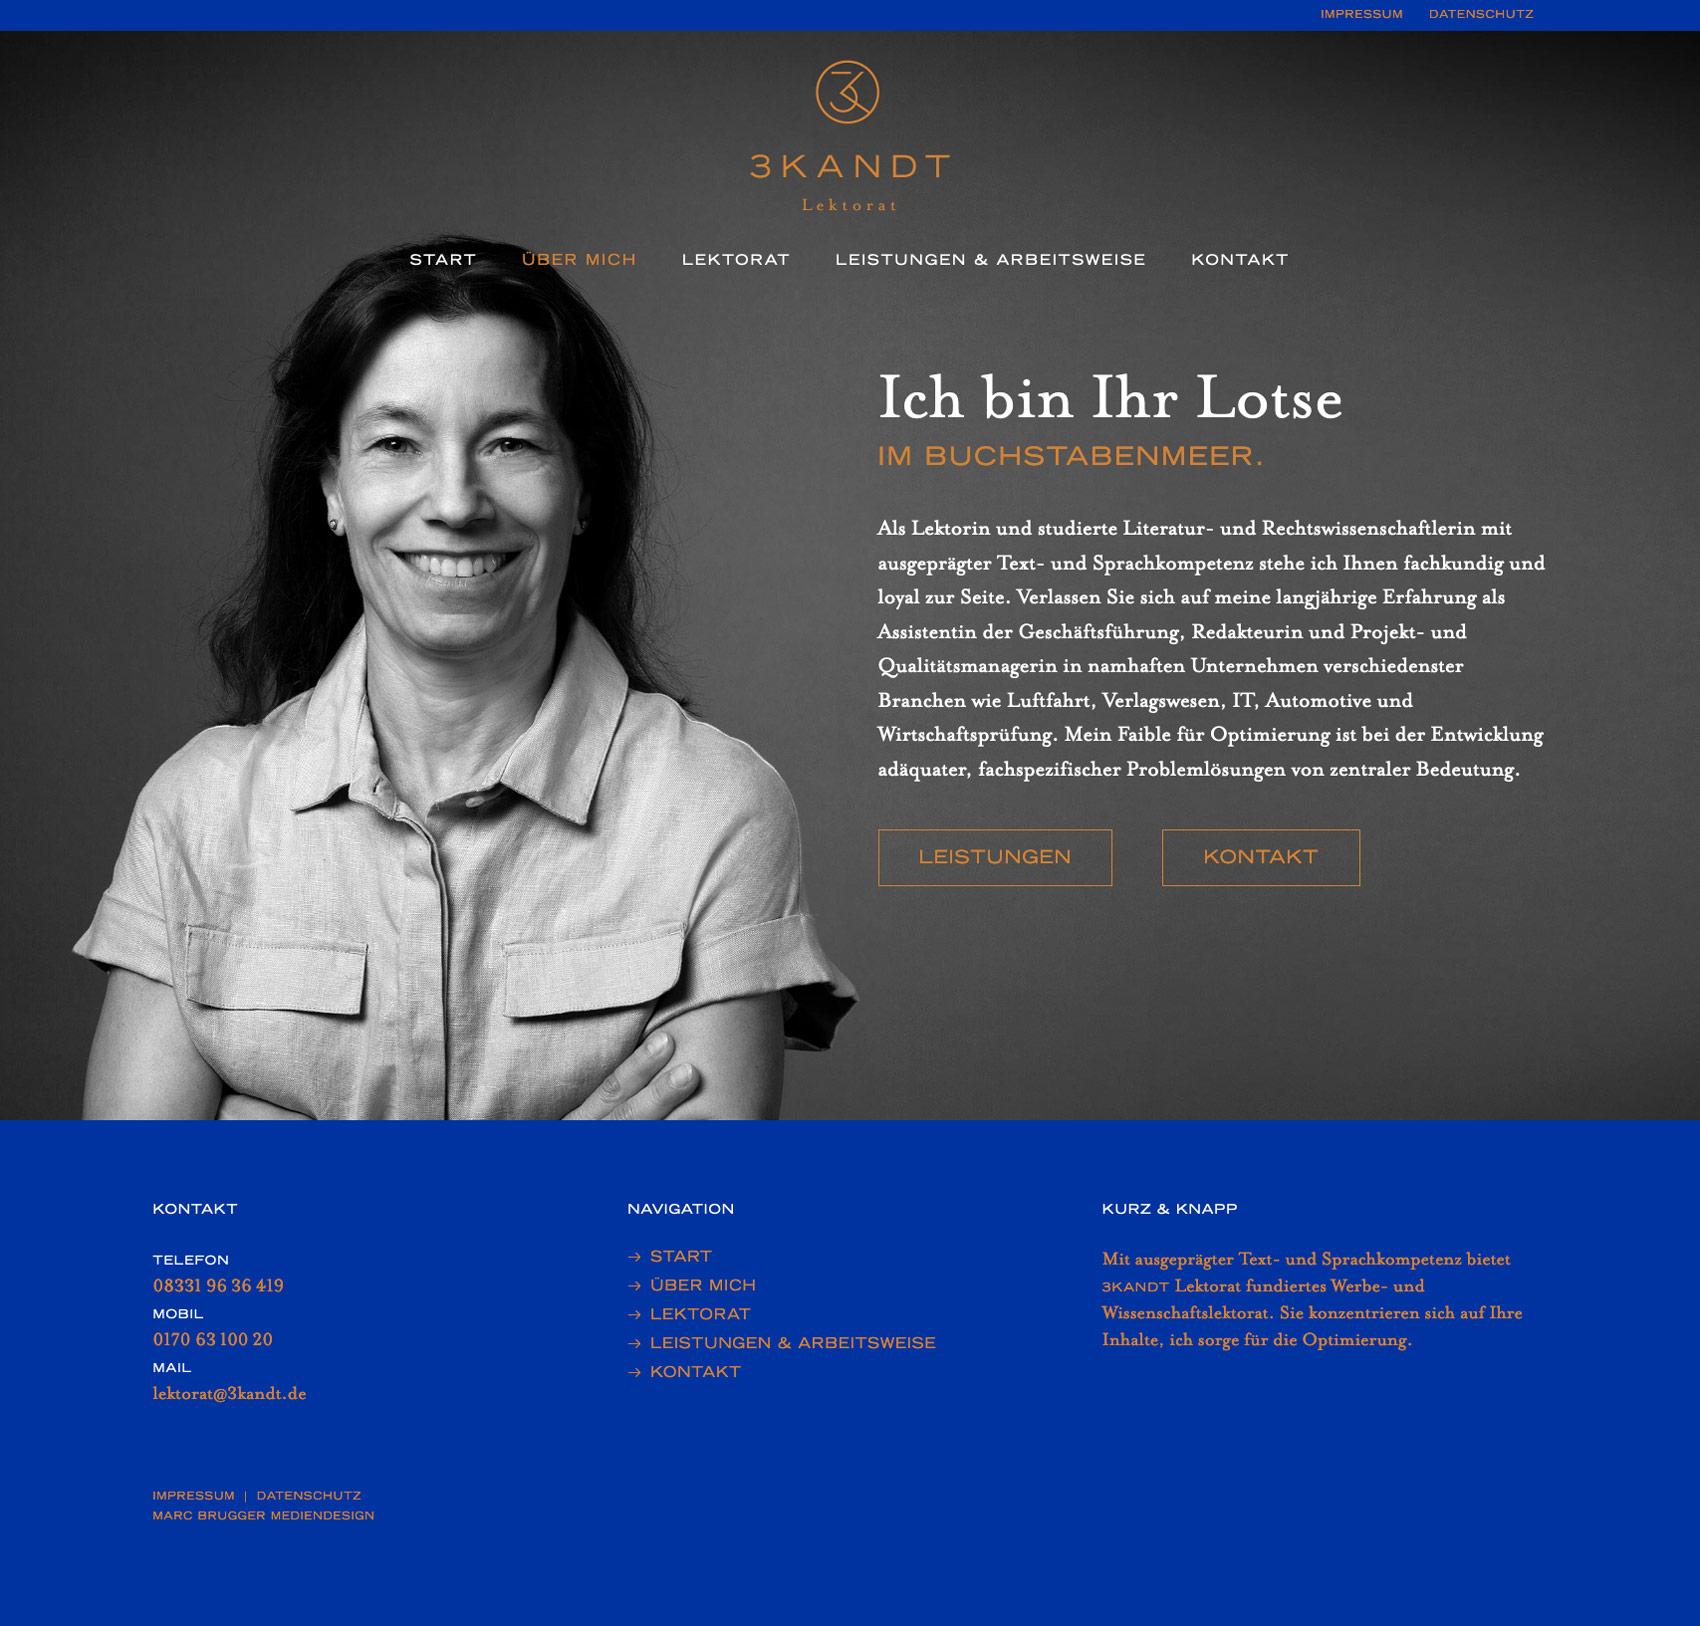 Internetseite Lektorat 3KANDT Memmingen